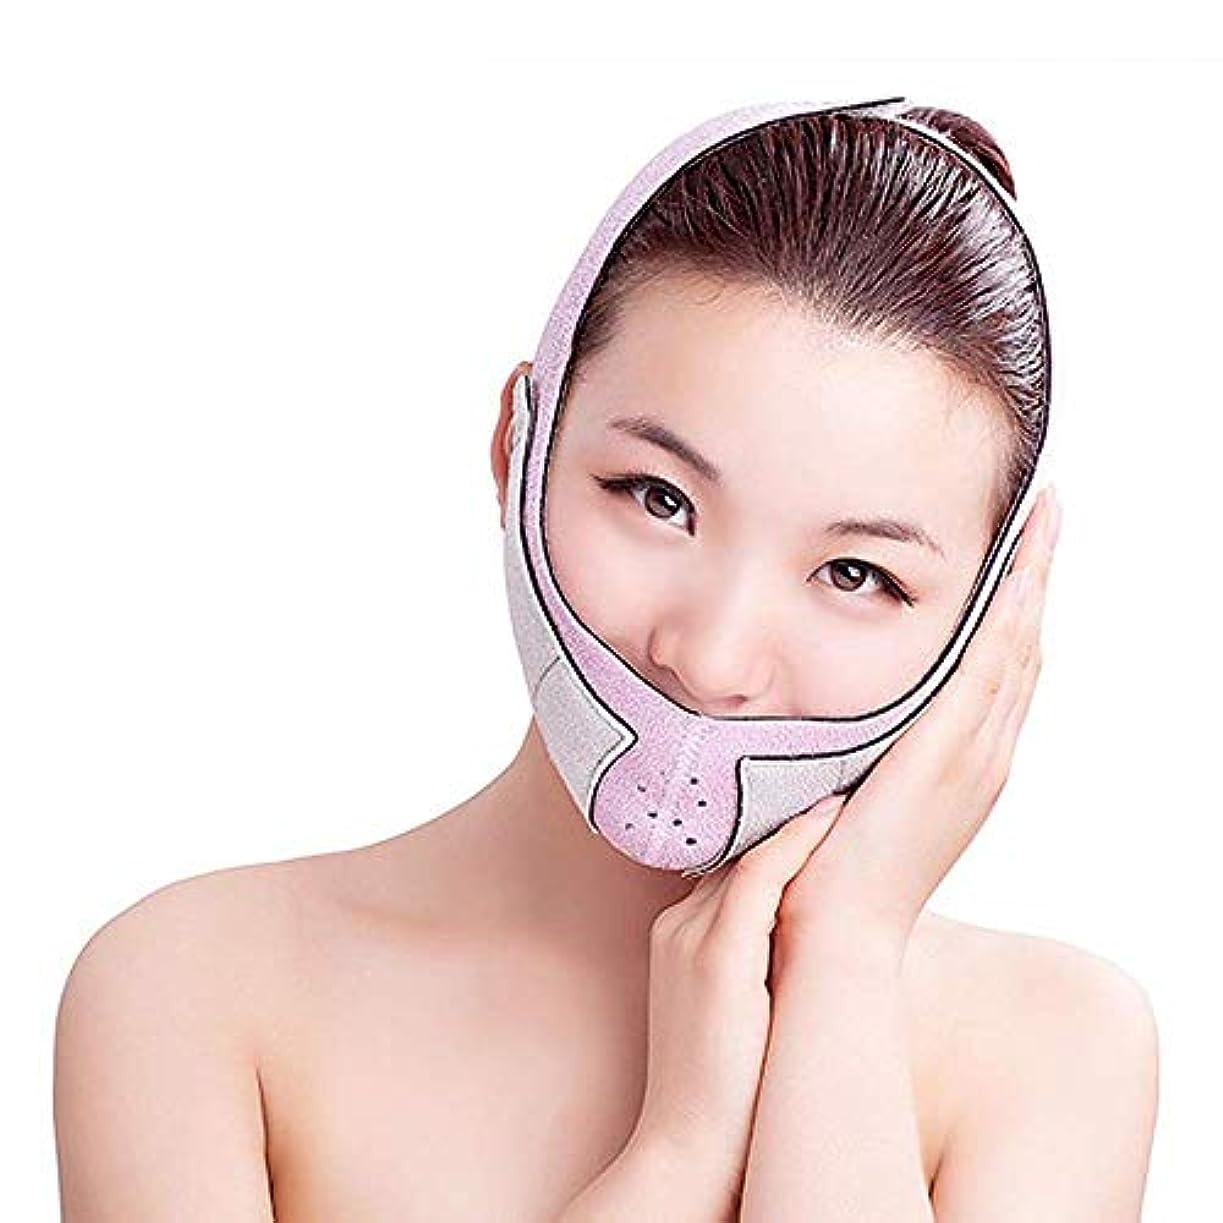 定常フロー観光に行く薄い顔ベルト薄い顔ベルト通気性の補正3D薄い顔V顔ベルト包帯薄い顔アーティファクト (色 : B)